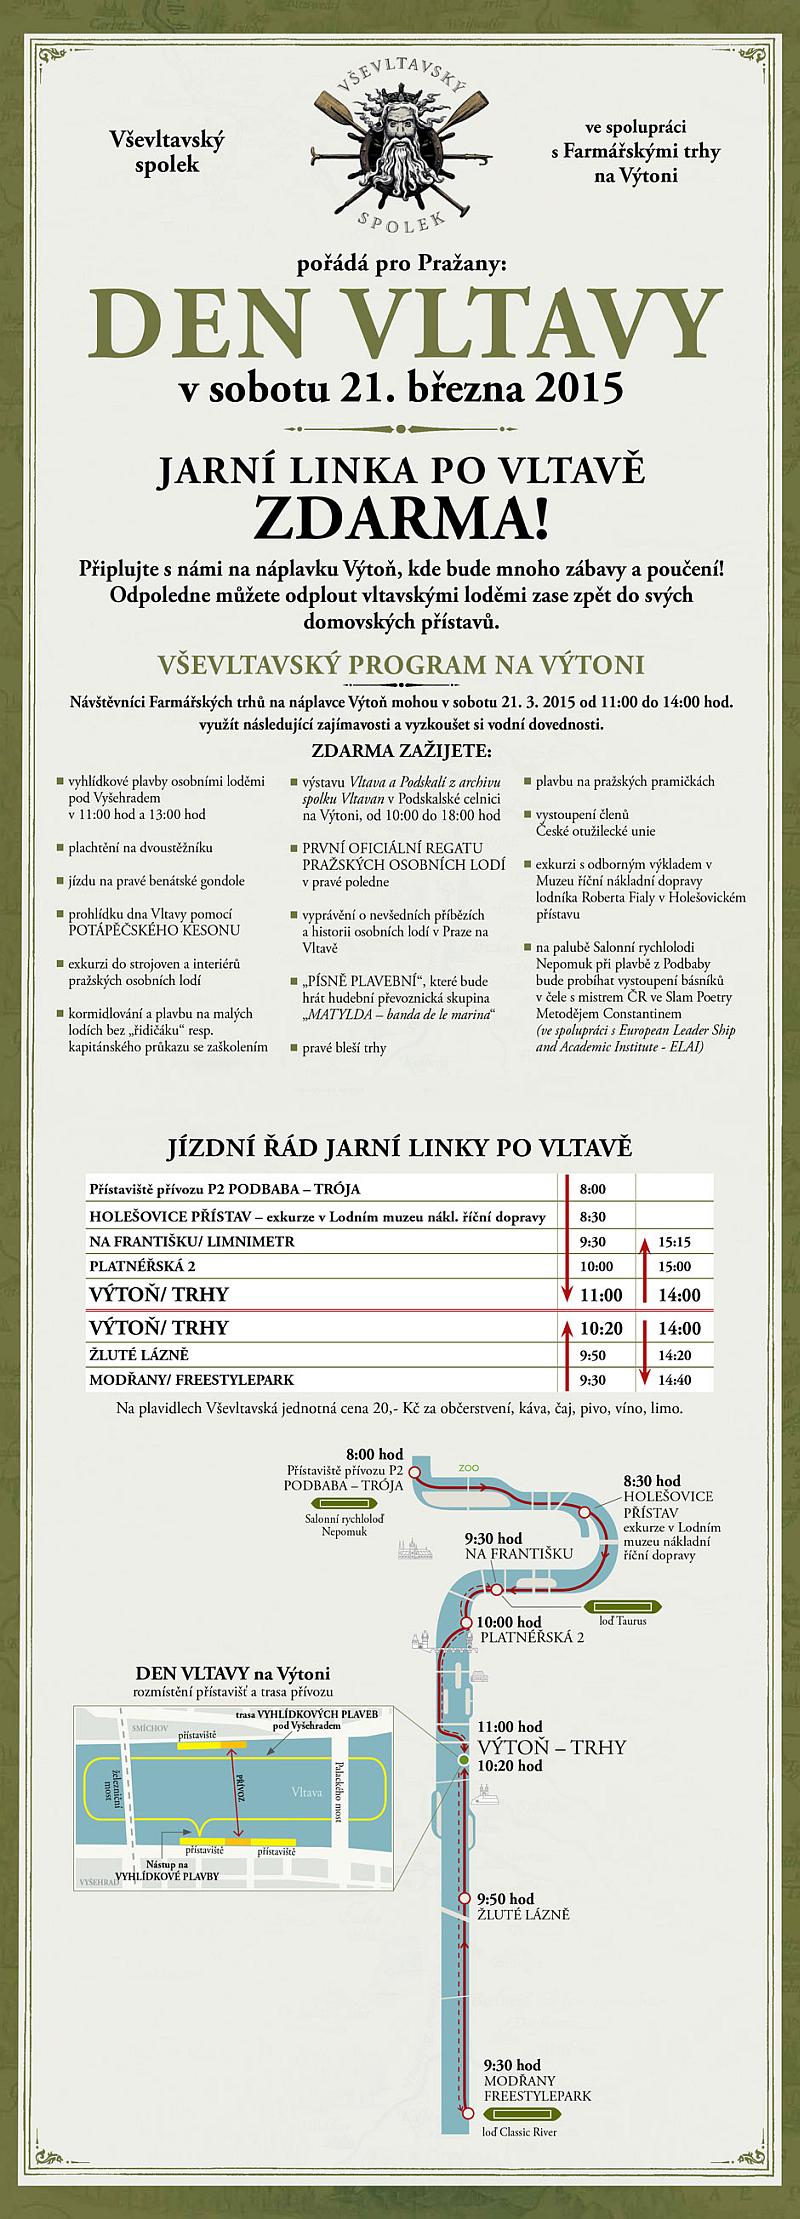 leták Den Vltavy Oficiální zdroj: MHMP